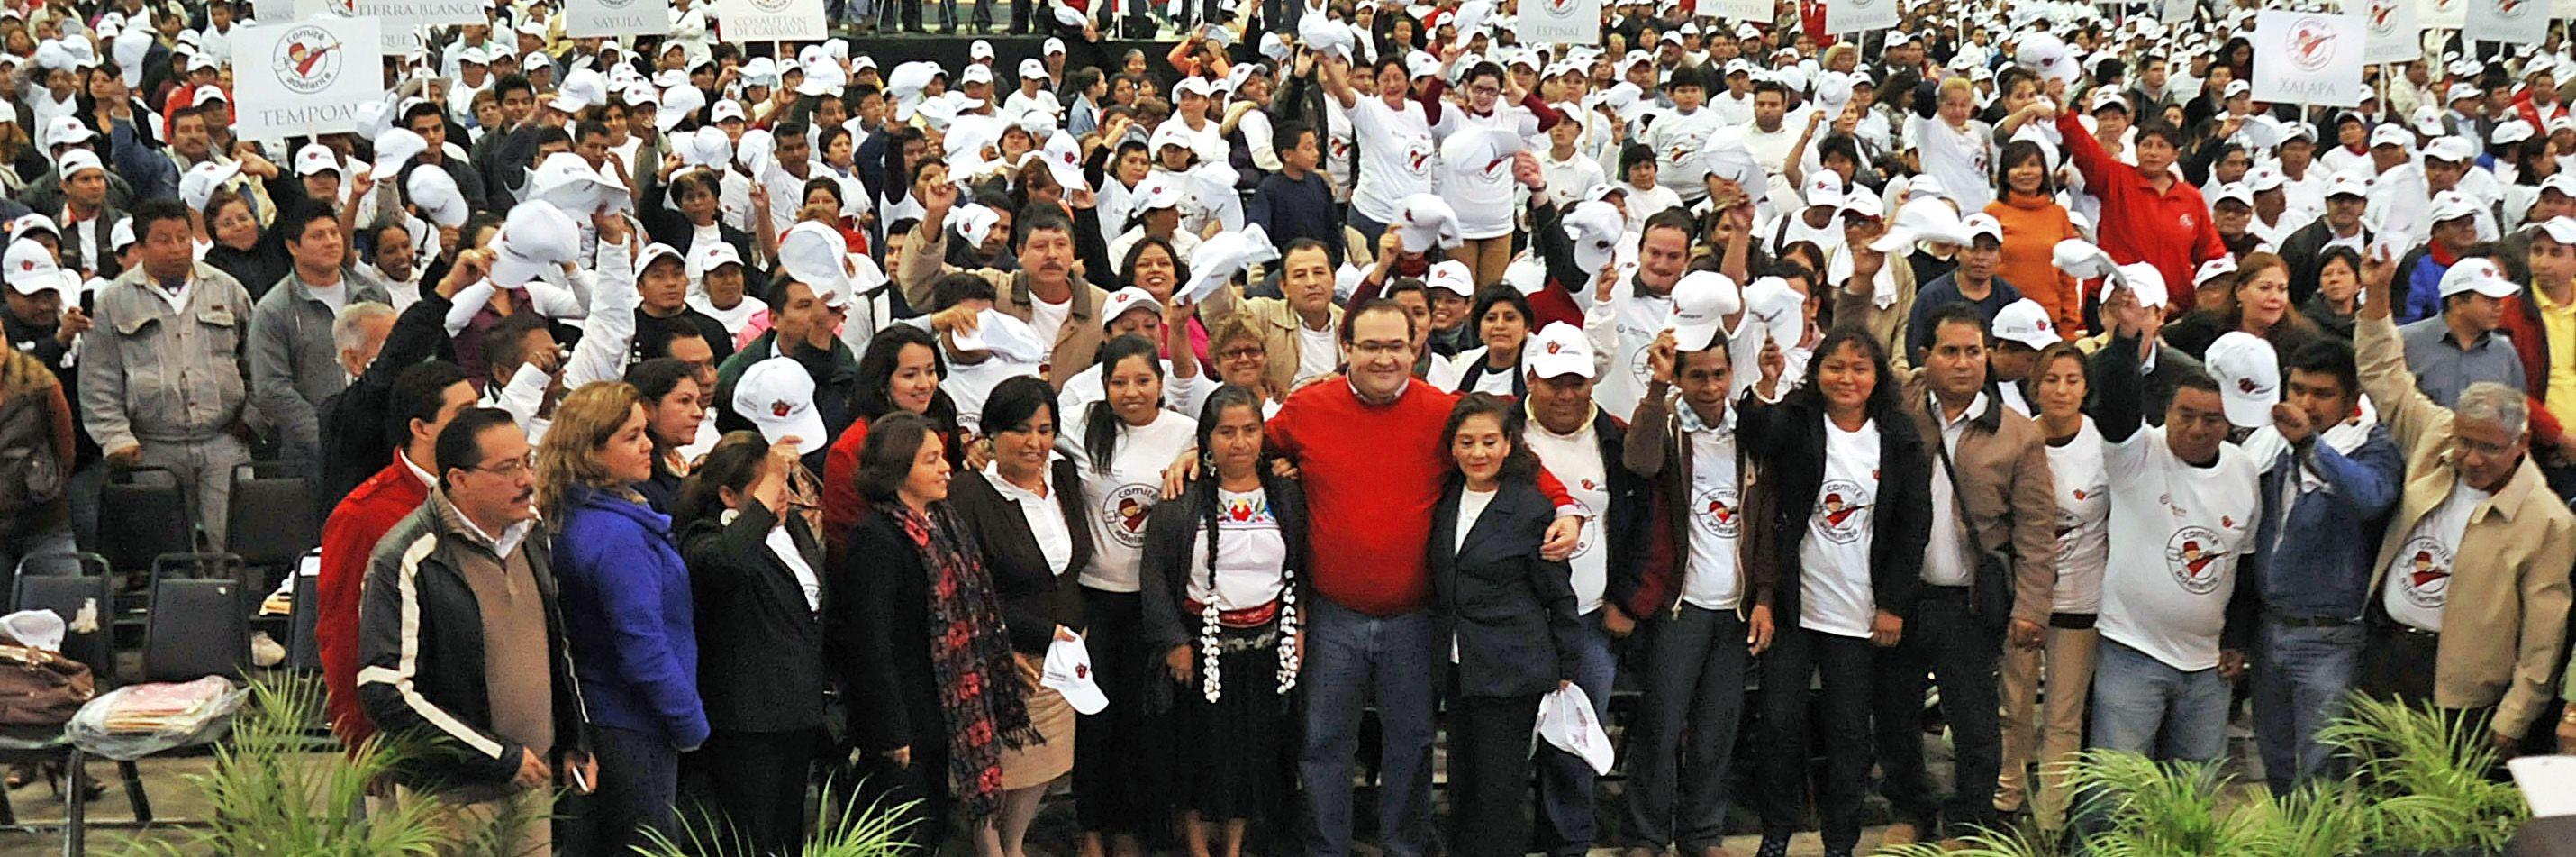 Ante más de tres mil integrantes de los Comités Adelante, el Gobernador les expresó que su labor significa algo muy especial para Veracruz, pues en tan sólo tres años el programa Adelante ha beneficiado a 4.1 millones de veracruzanos.